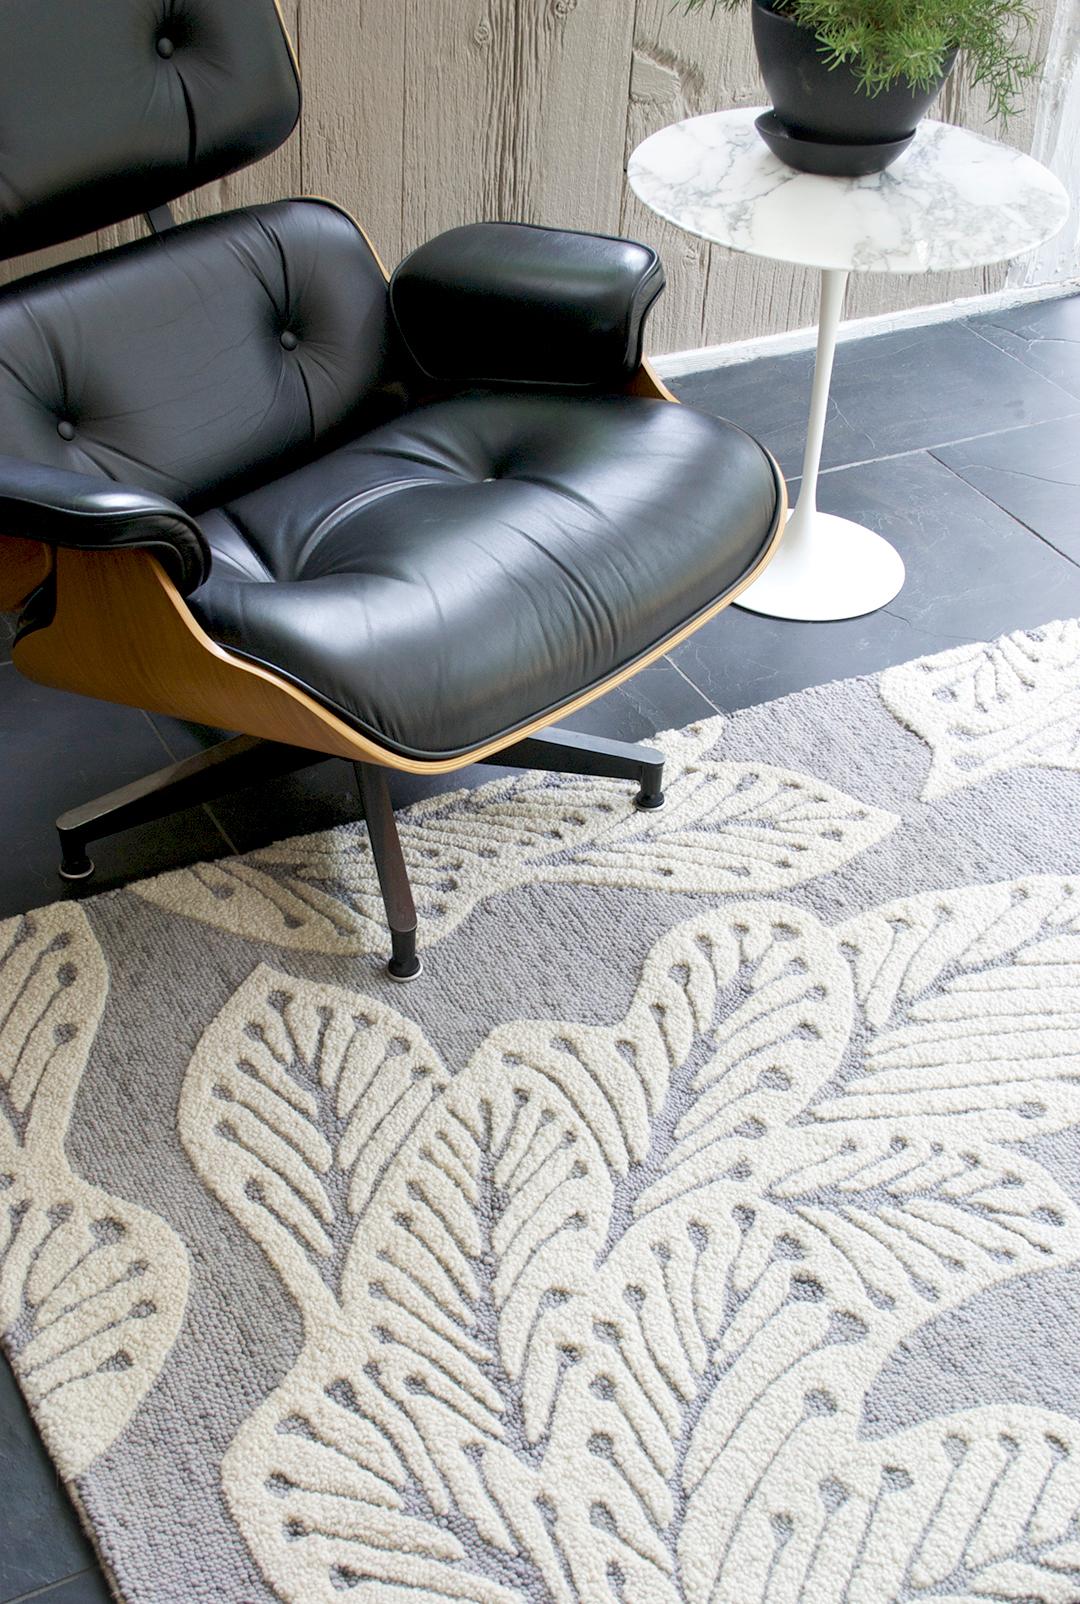 greay_leaf-chair.jpg